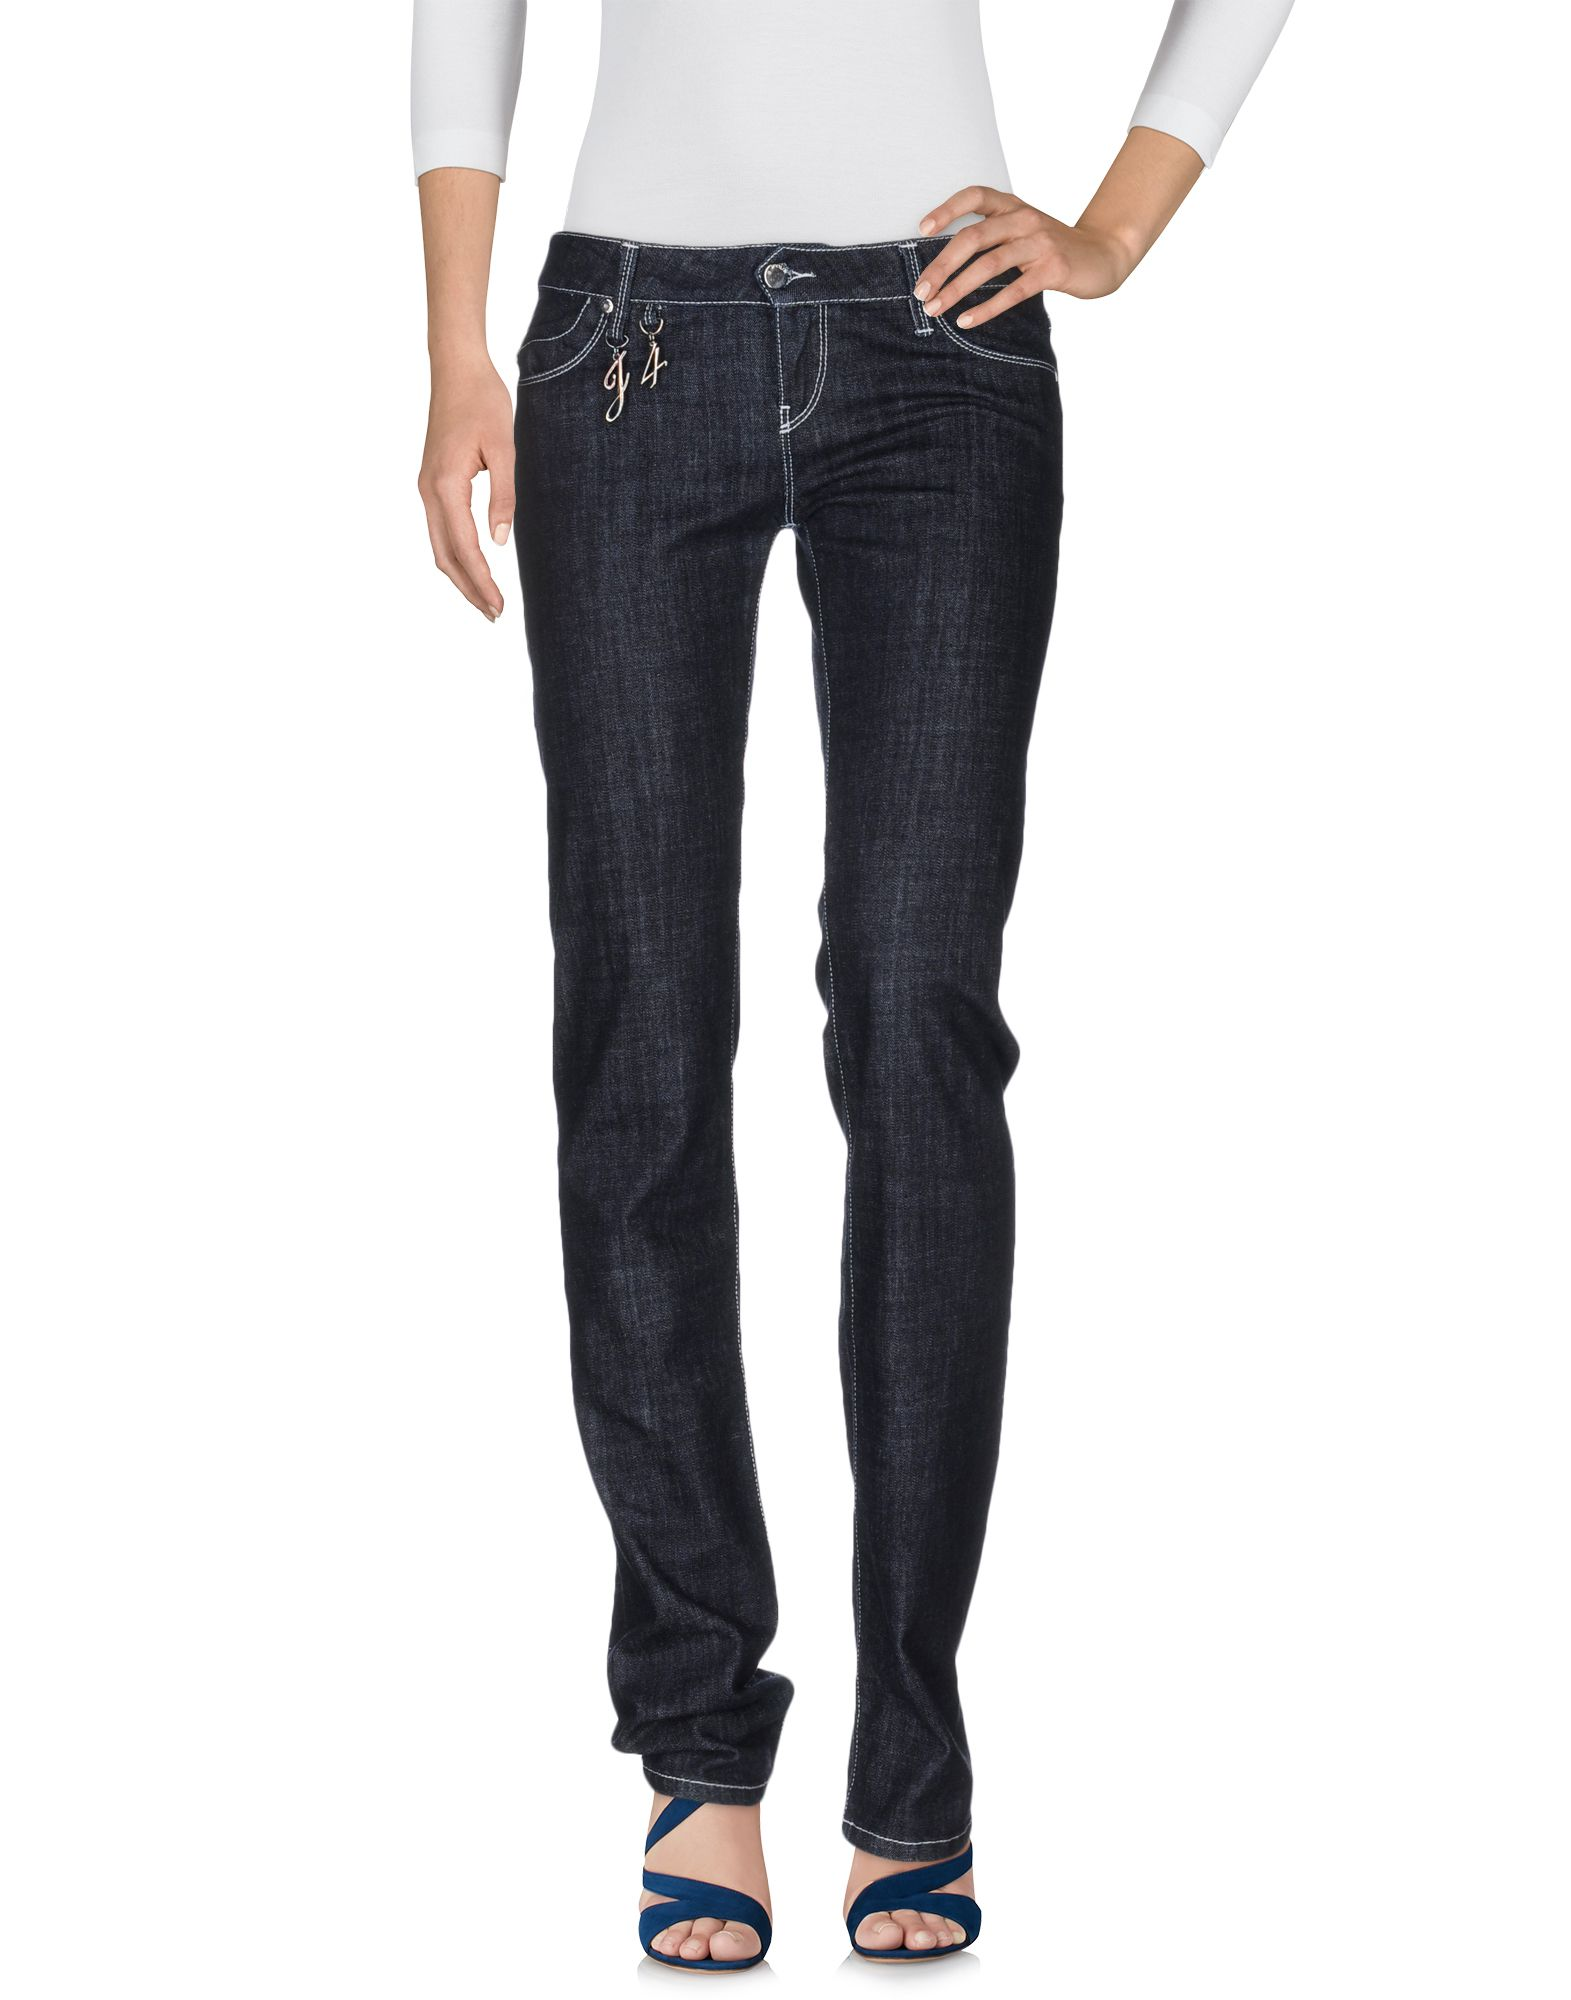 JFOUR Джинсовые брюки угловой элемент rosa gres natural hierro izq 19 2x38 7